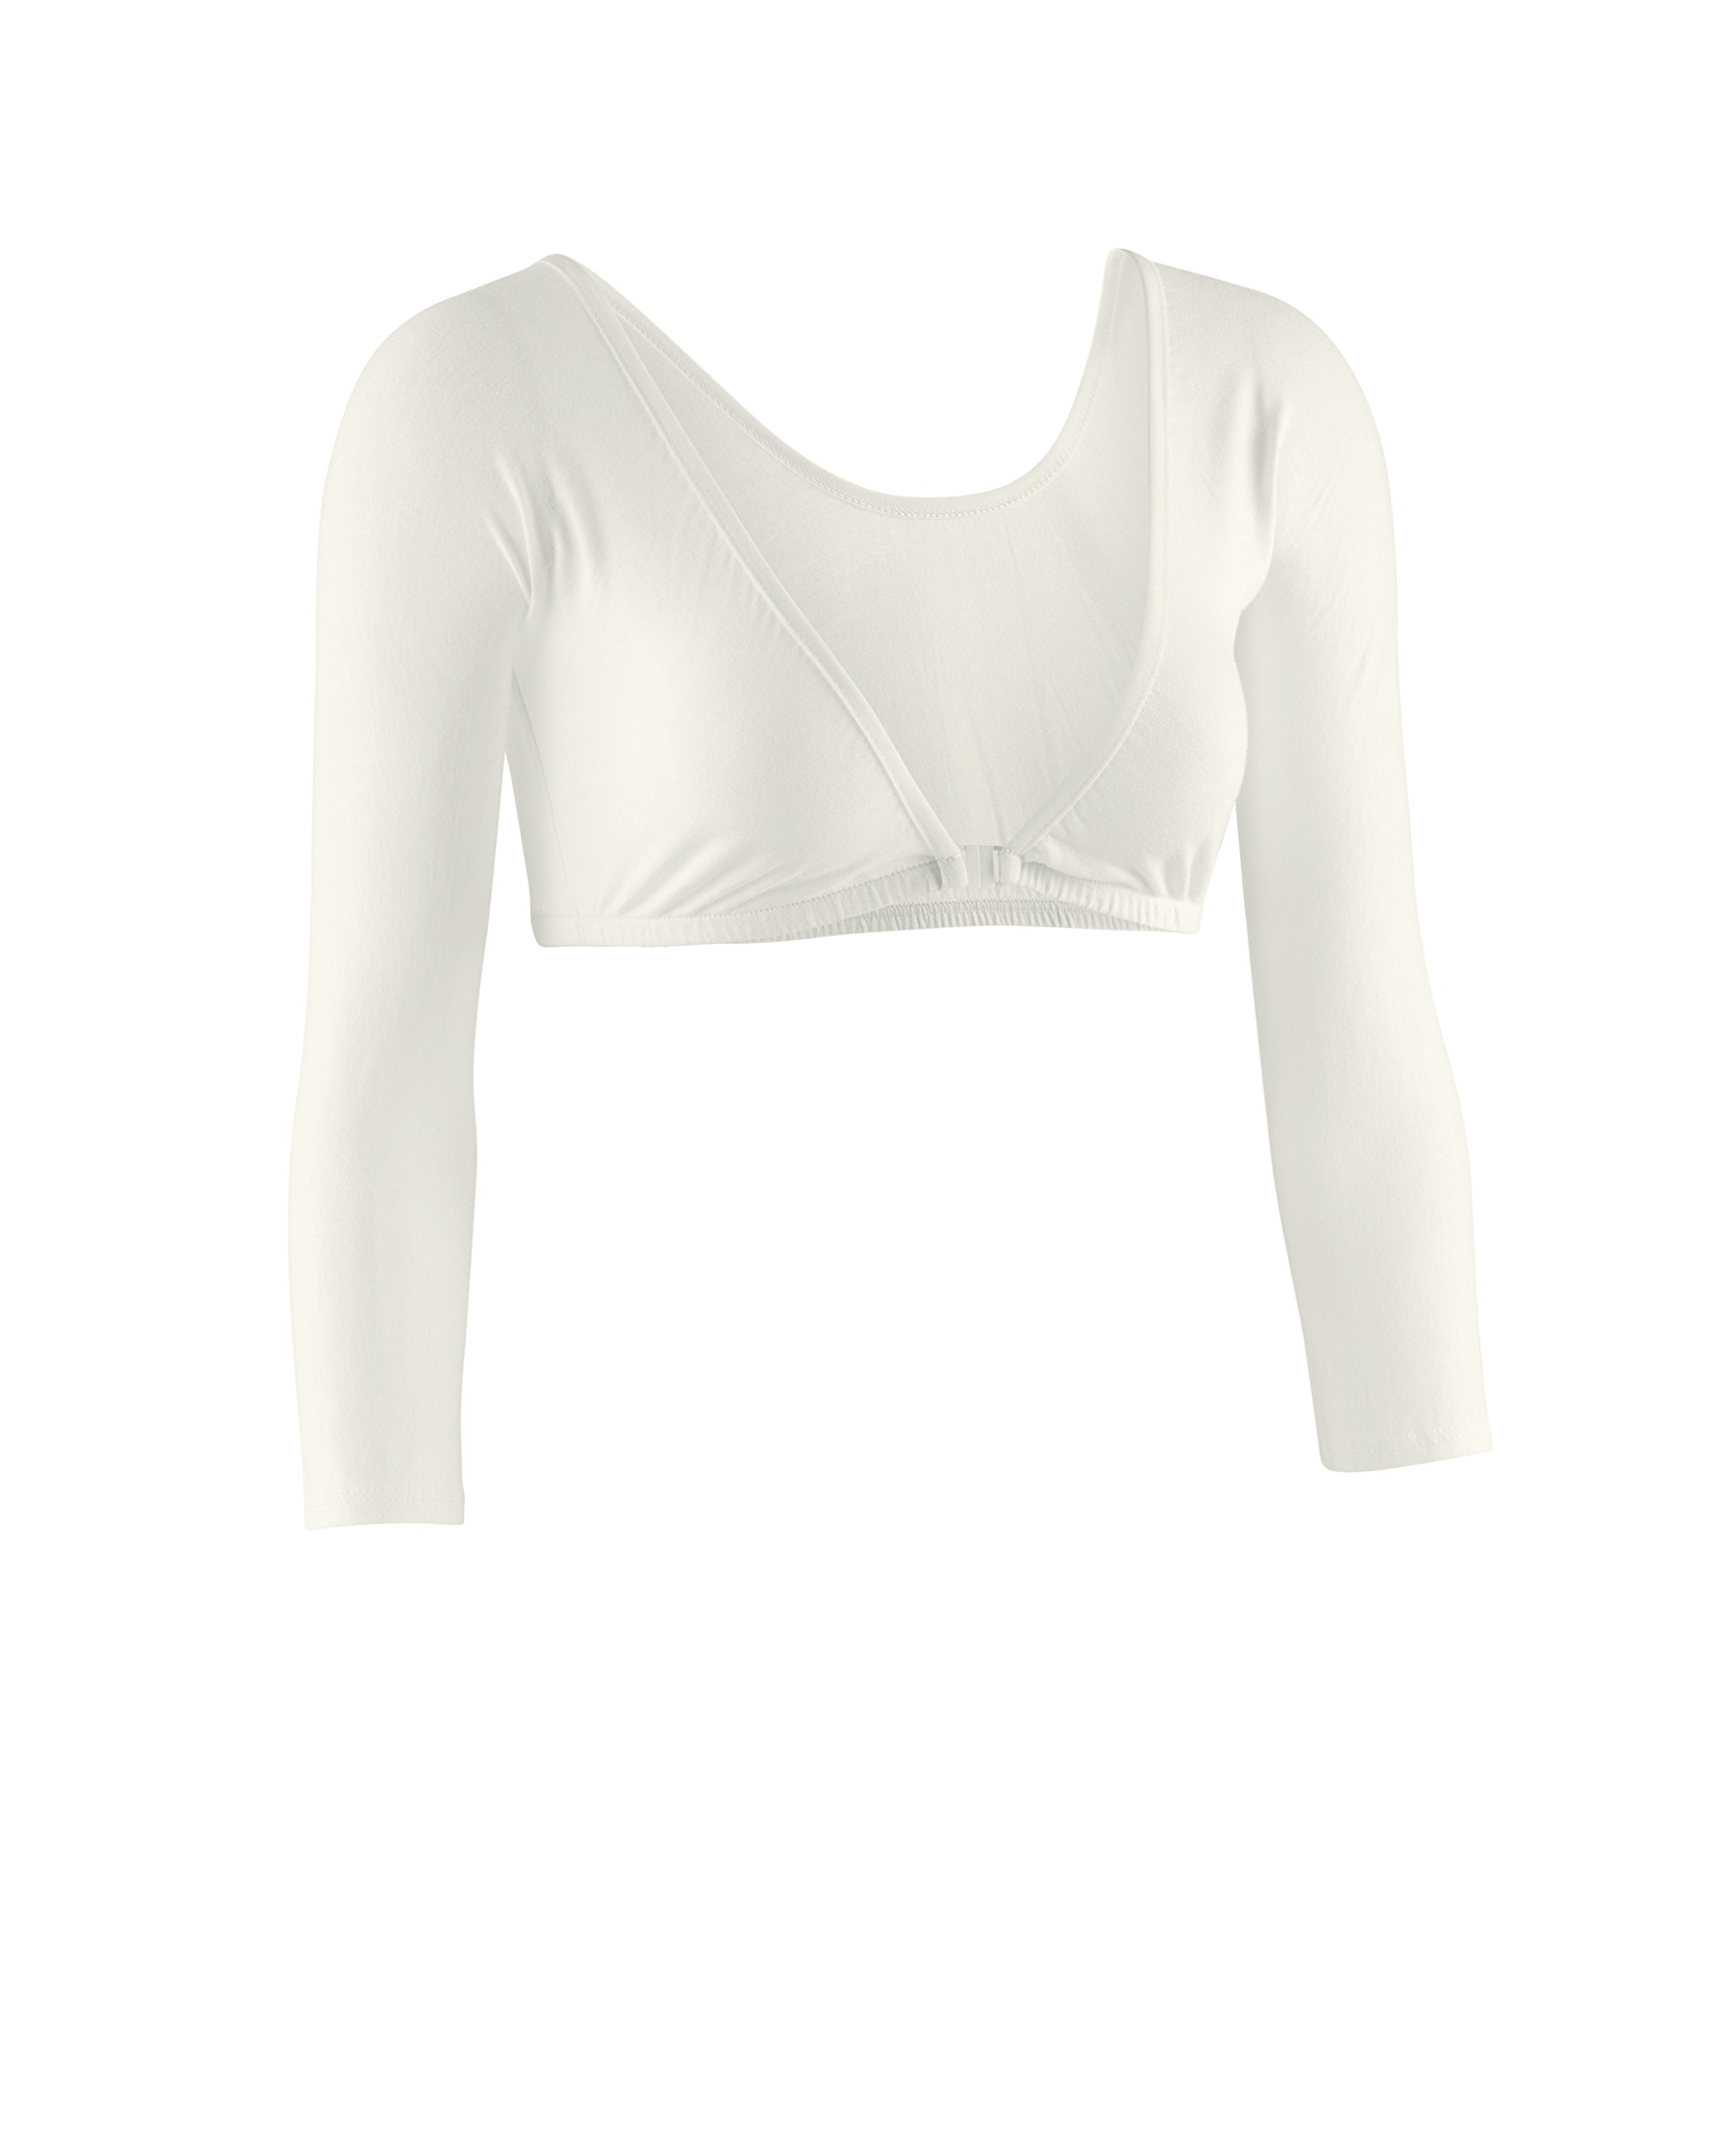 Sleevey Wonders Women's Basic 3/4 Length Slip-on Jersey Sleeves L Off-White